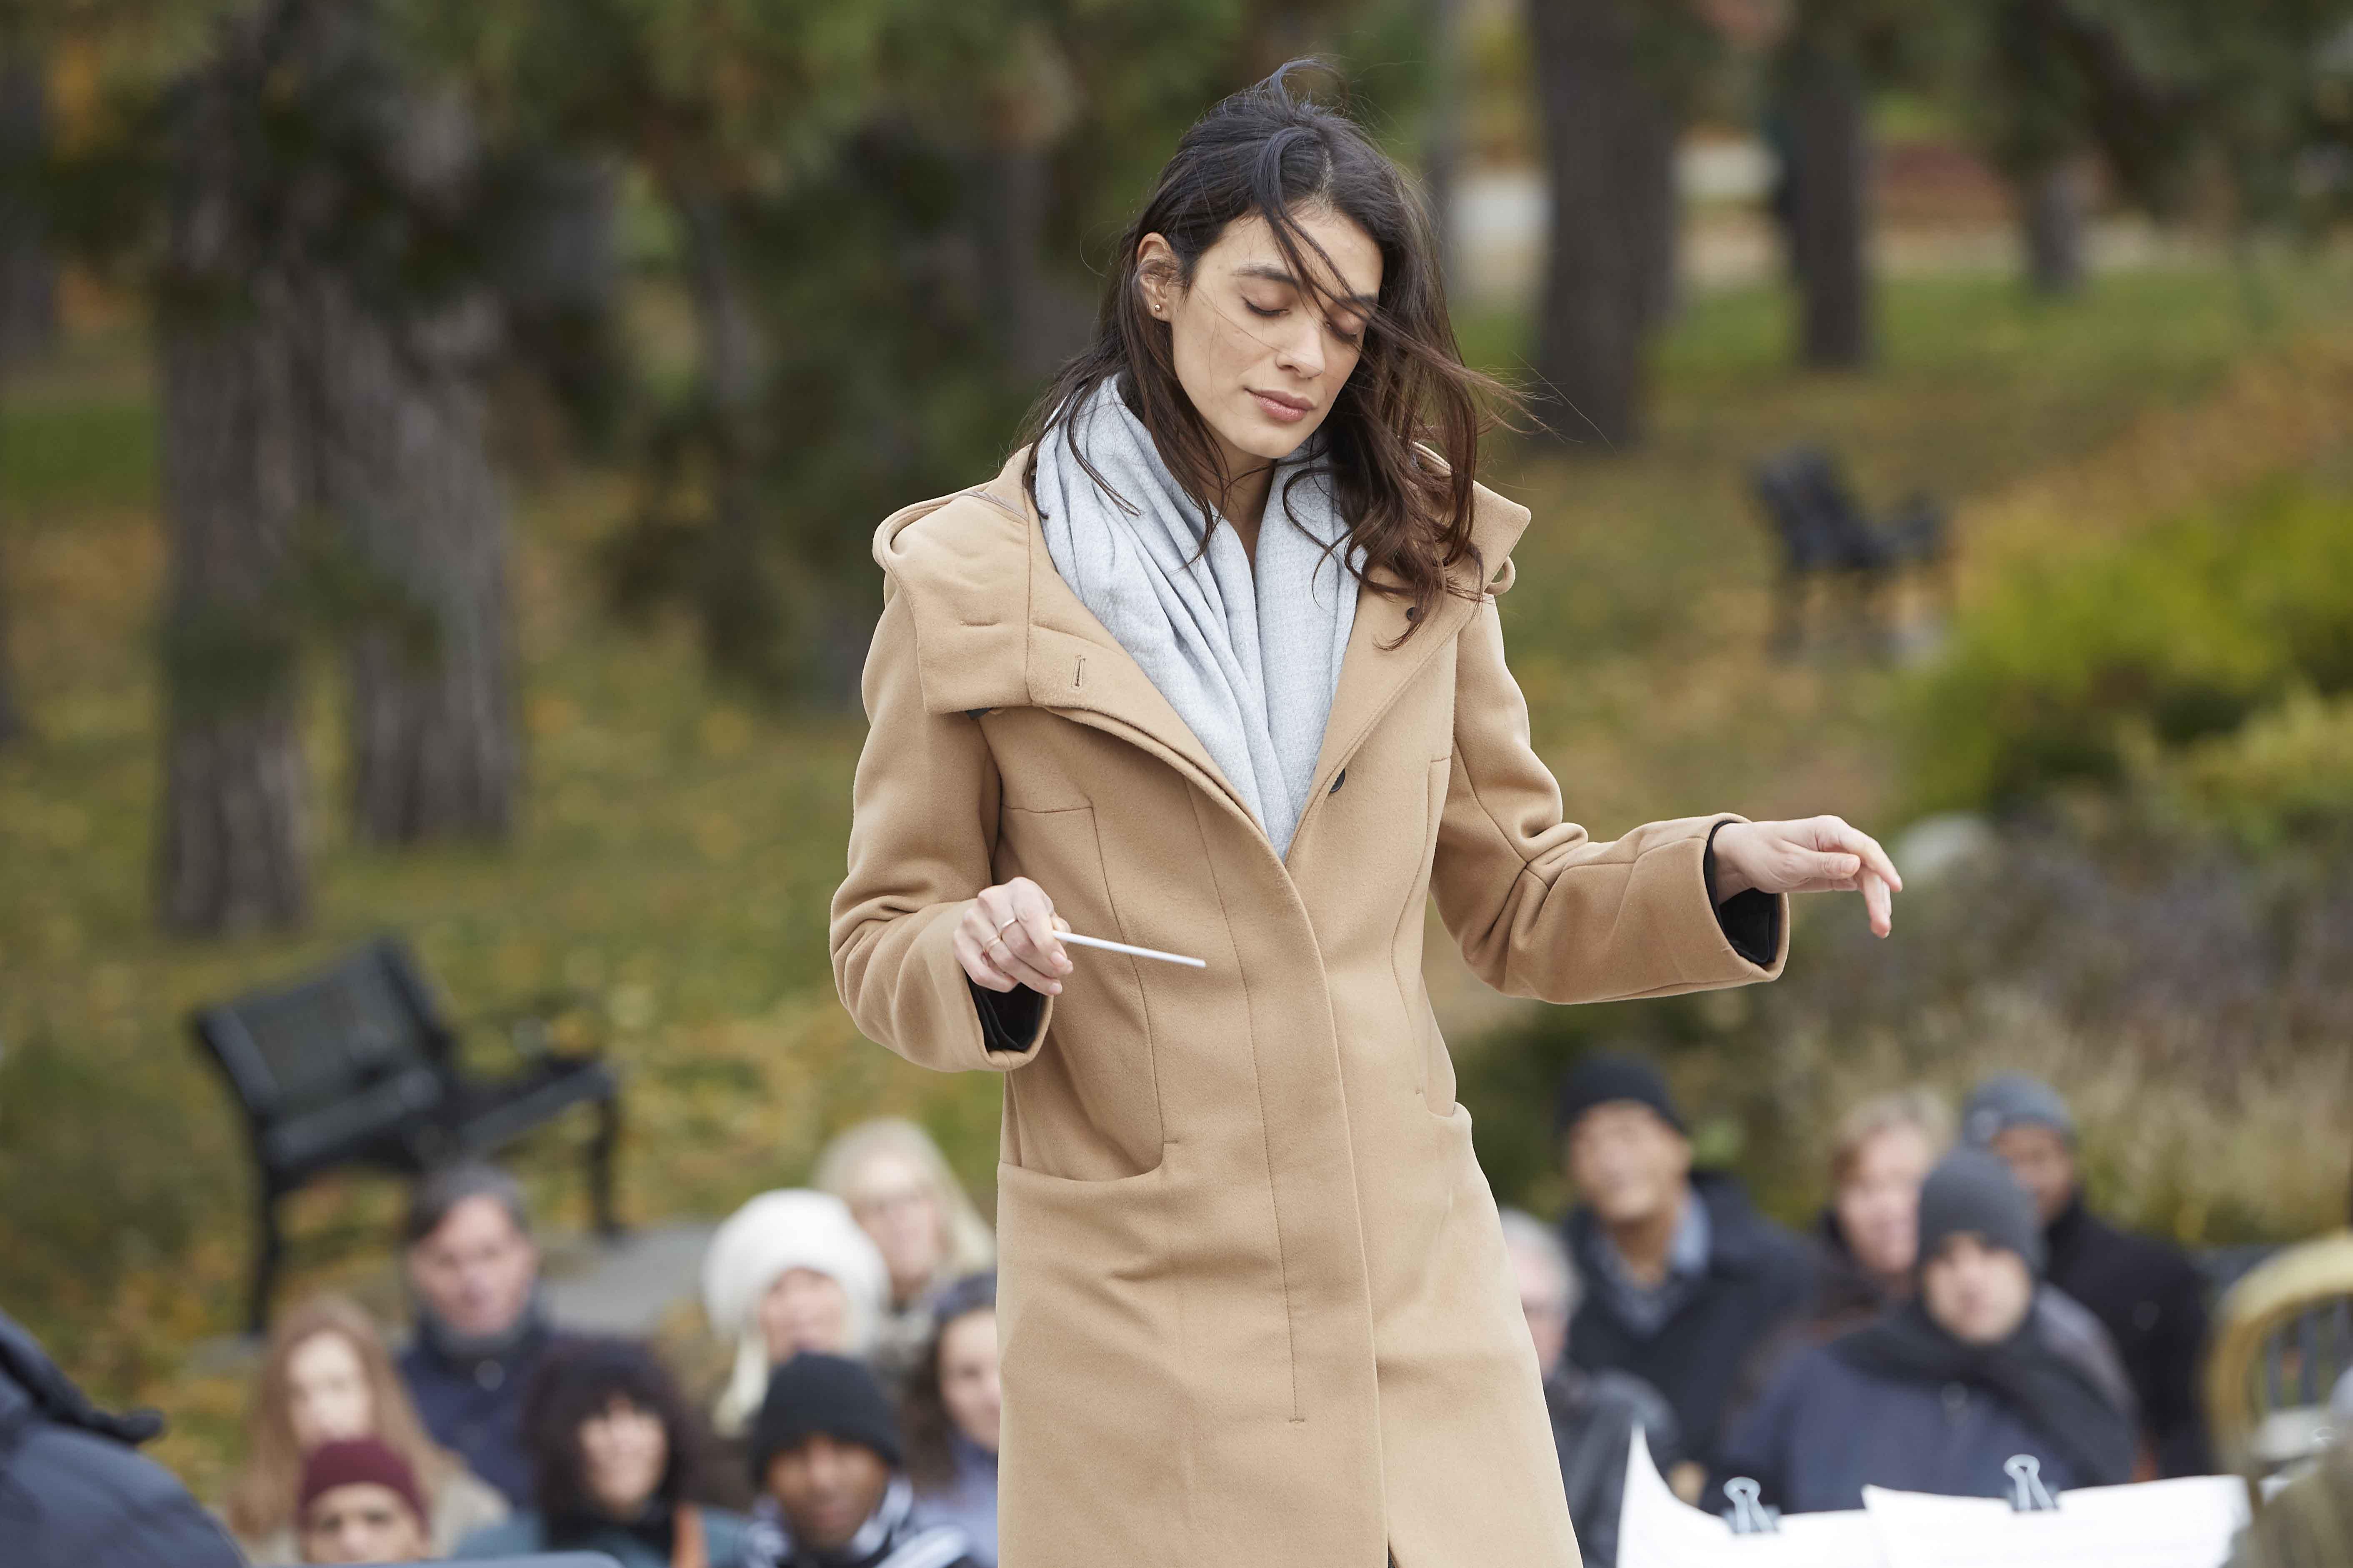 從沒彈奏過任何樂器的蕾斯拉迪奧莉維拉(如圖),為了演出片中專業的樂團指揮老師為自己量身打造出獨樹一格的「舞蹈型指揮法」